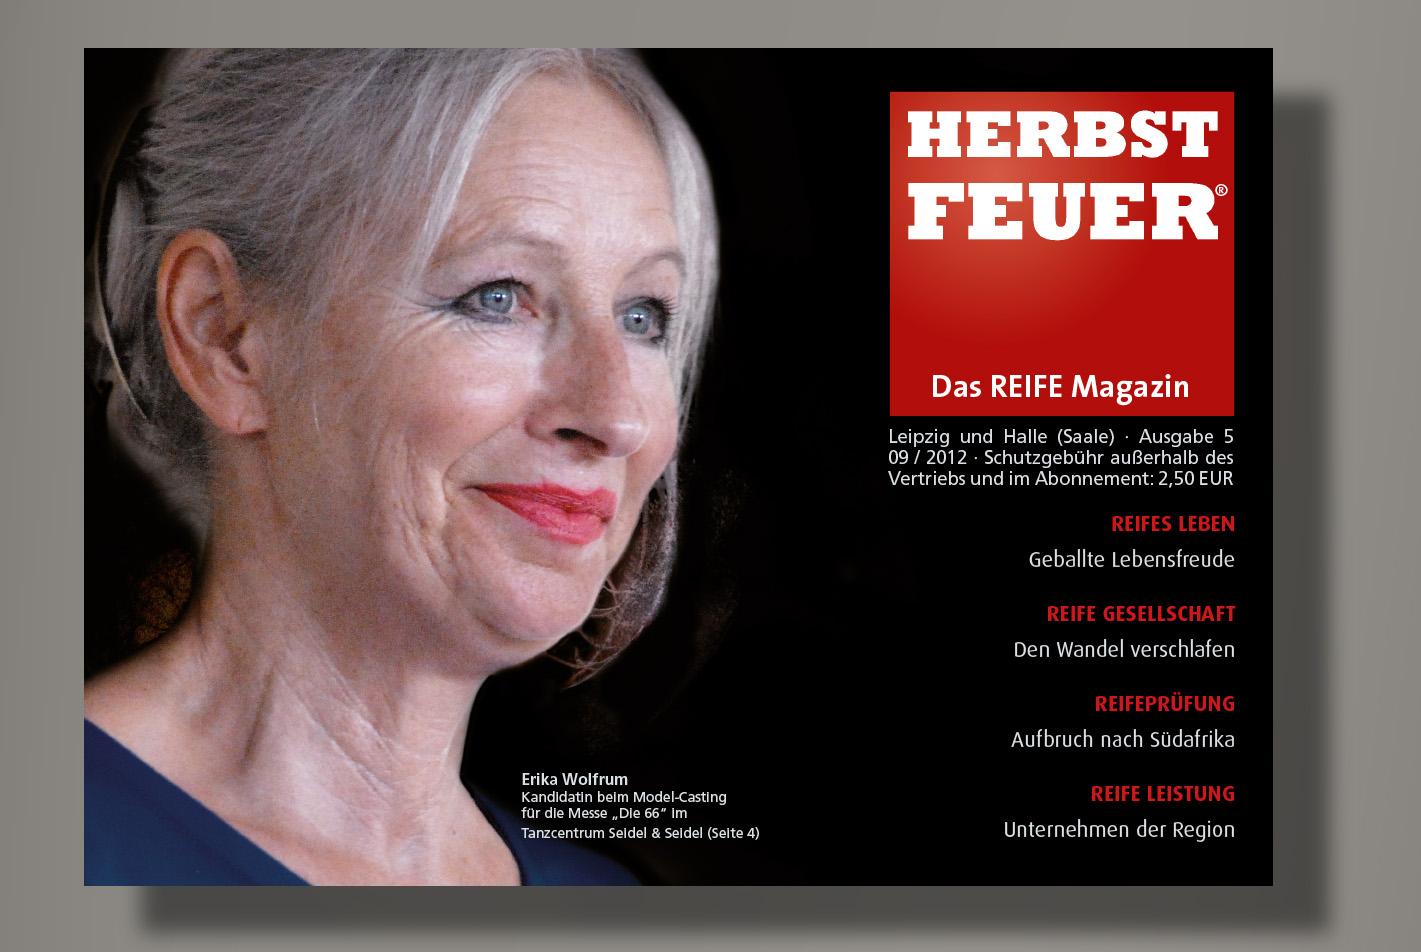 HERBSTFEUER – Das REIFE Magazin für Leipzig und Halle (Saale); Ausgabe 5